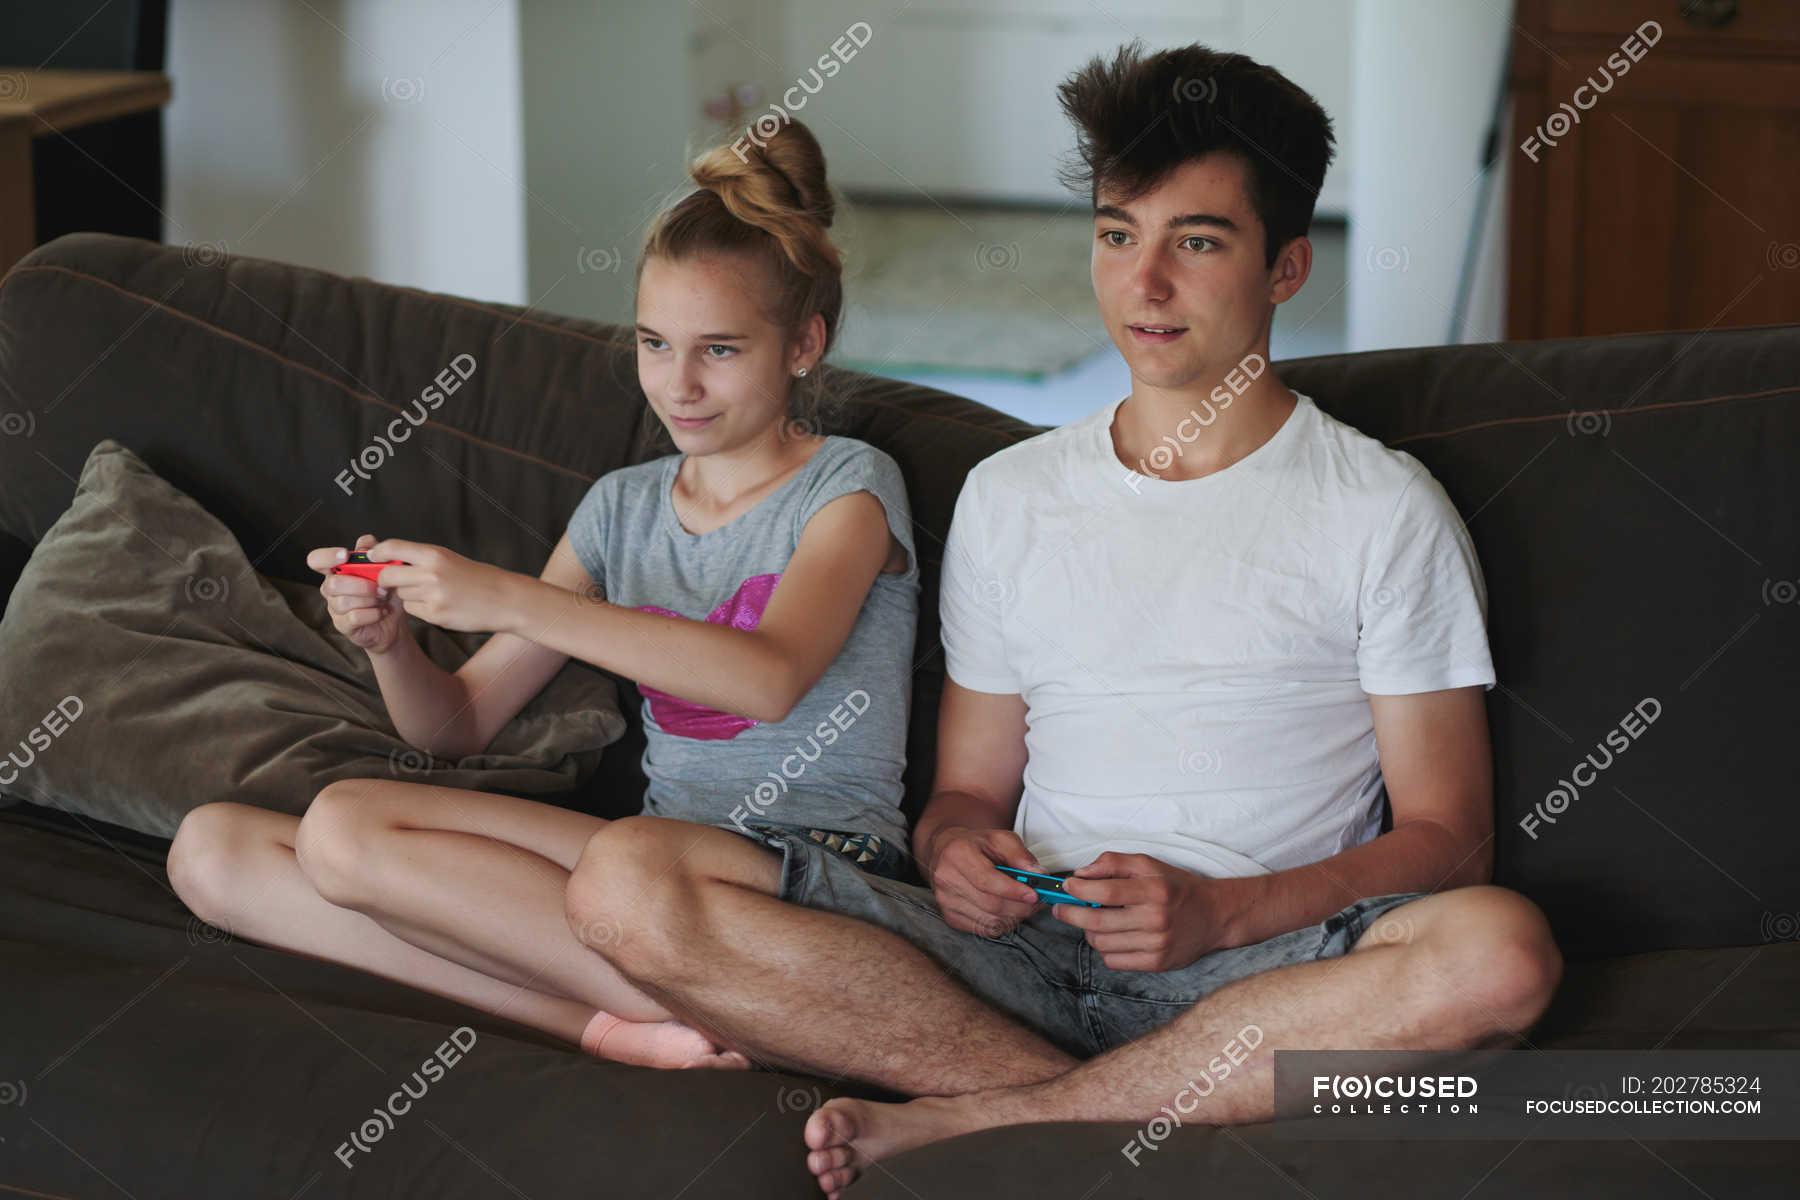 Сестра соблозняет брата, Сестра соблазнила своего брата - смотреть порно 17 фотография